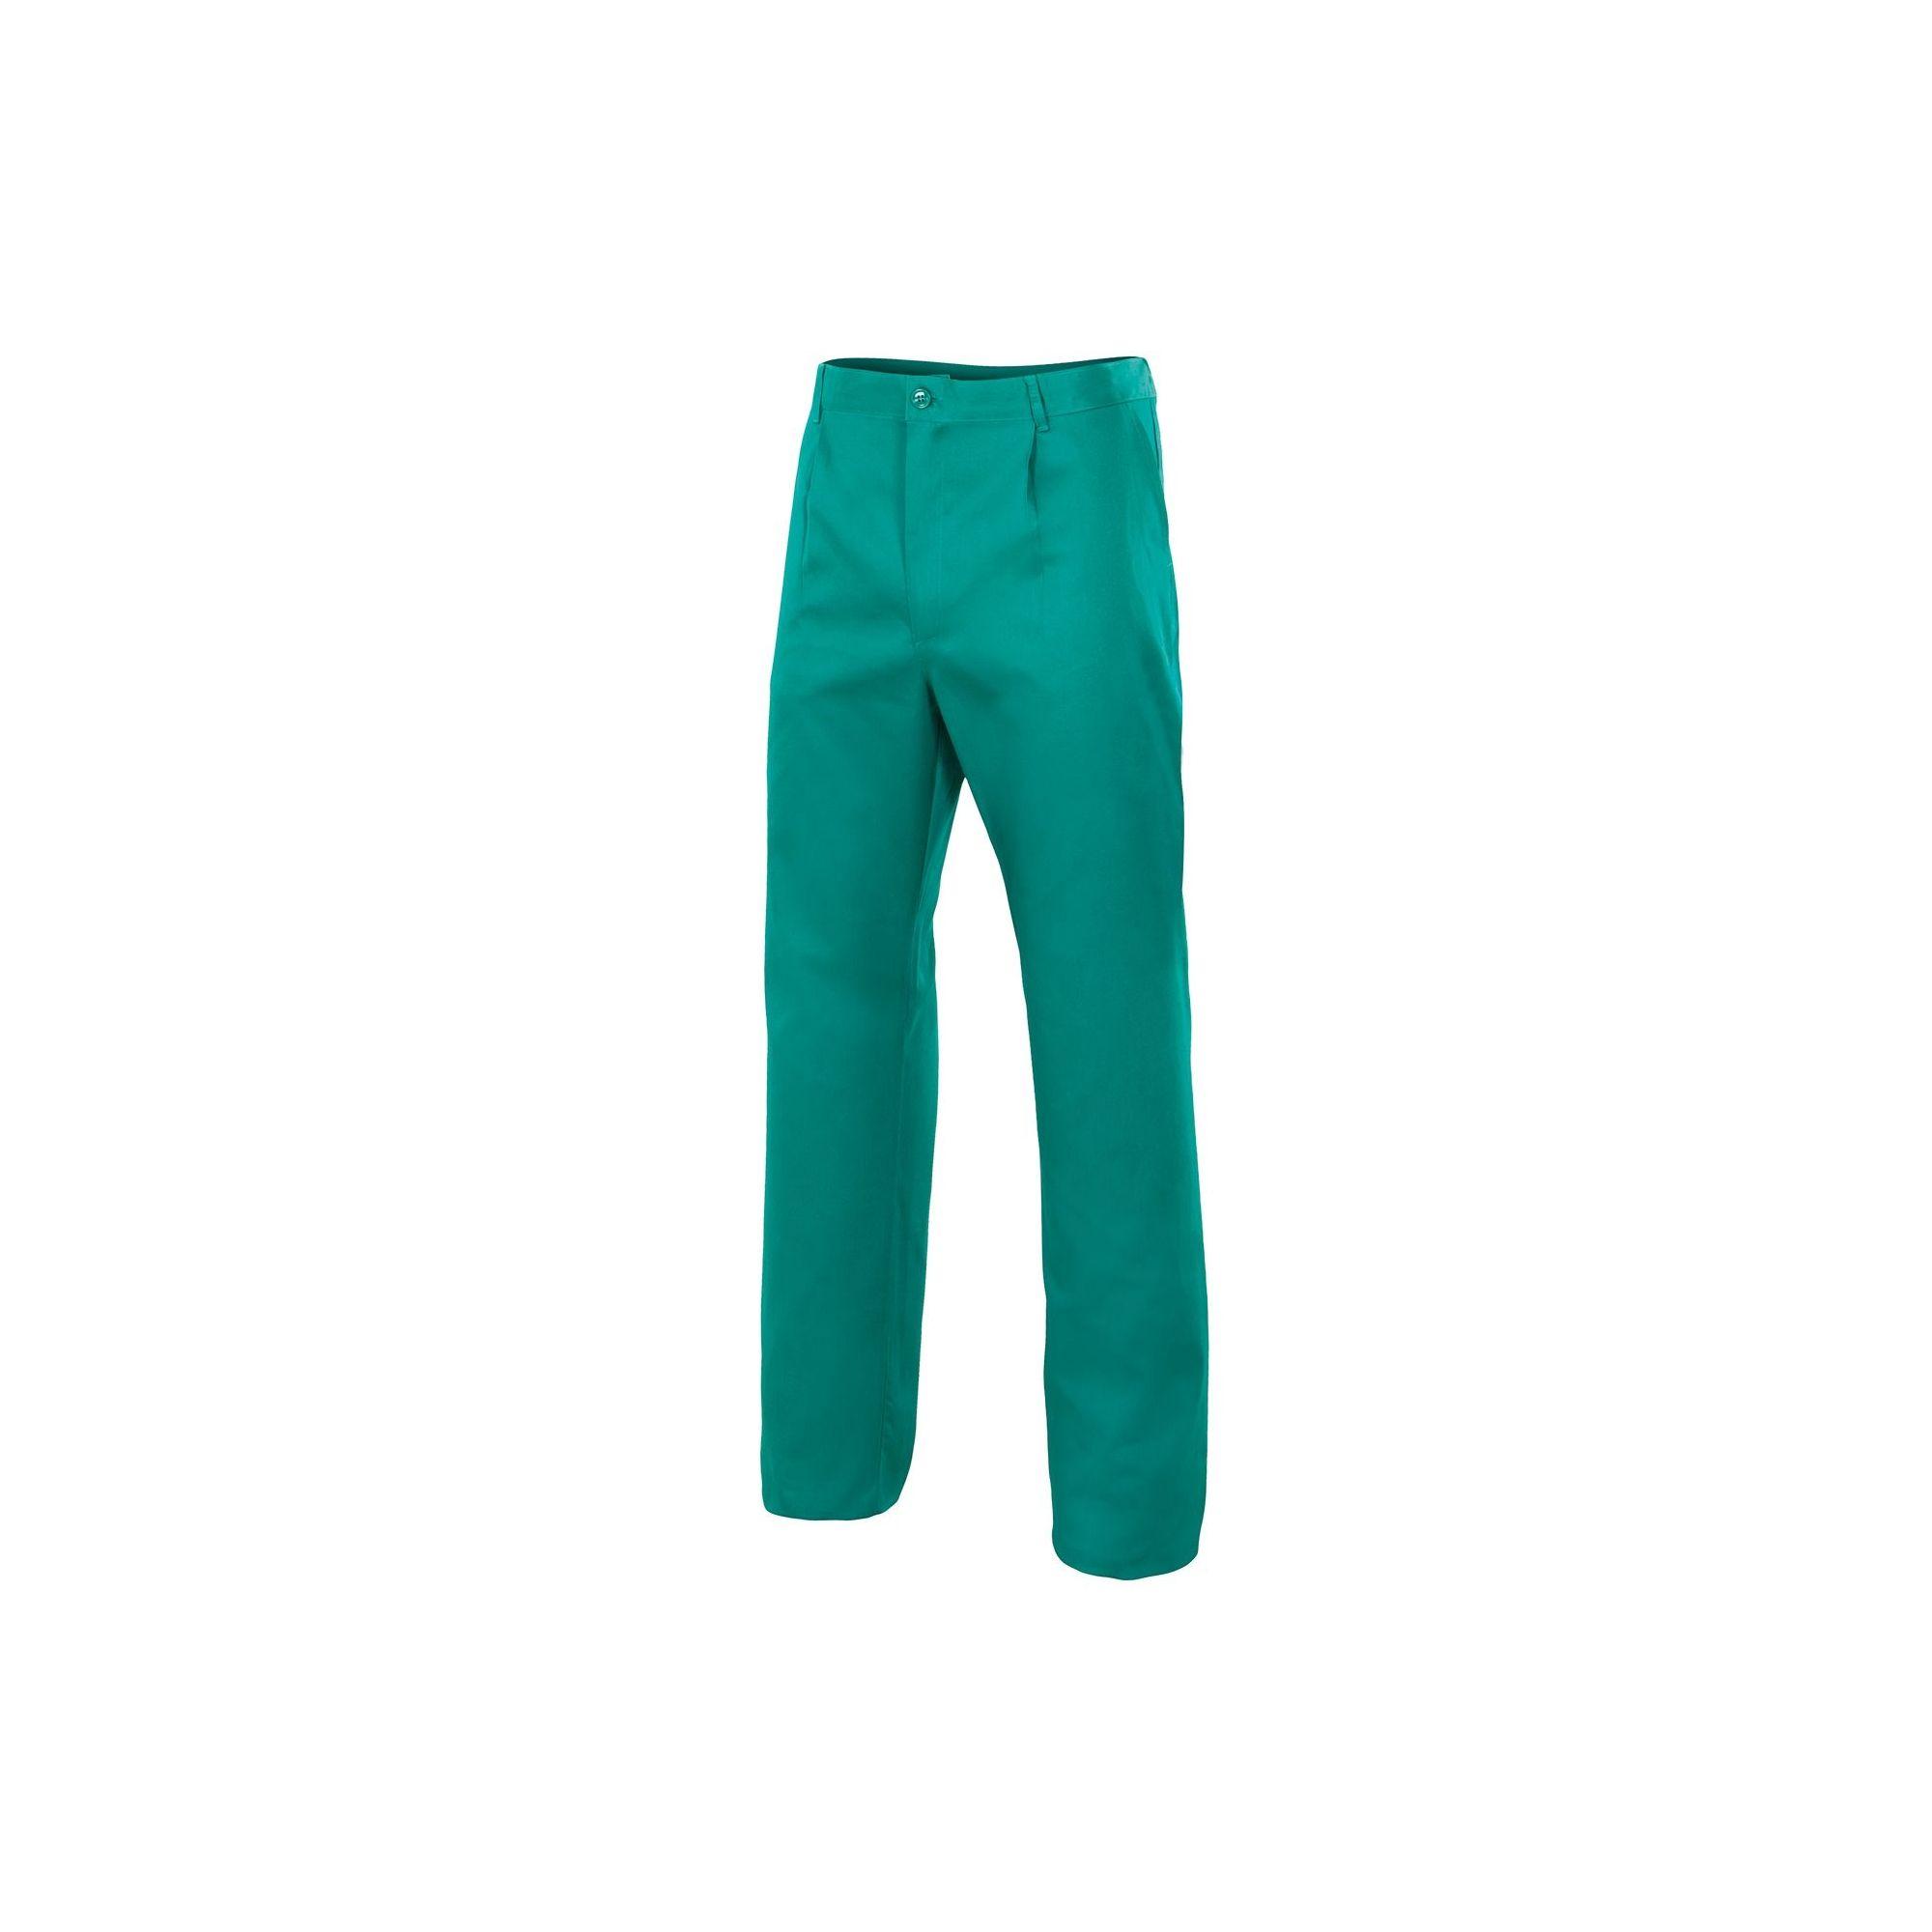 Pantalón de cintura ajustable (ref: 349)